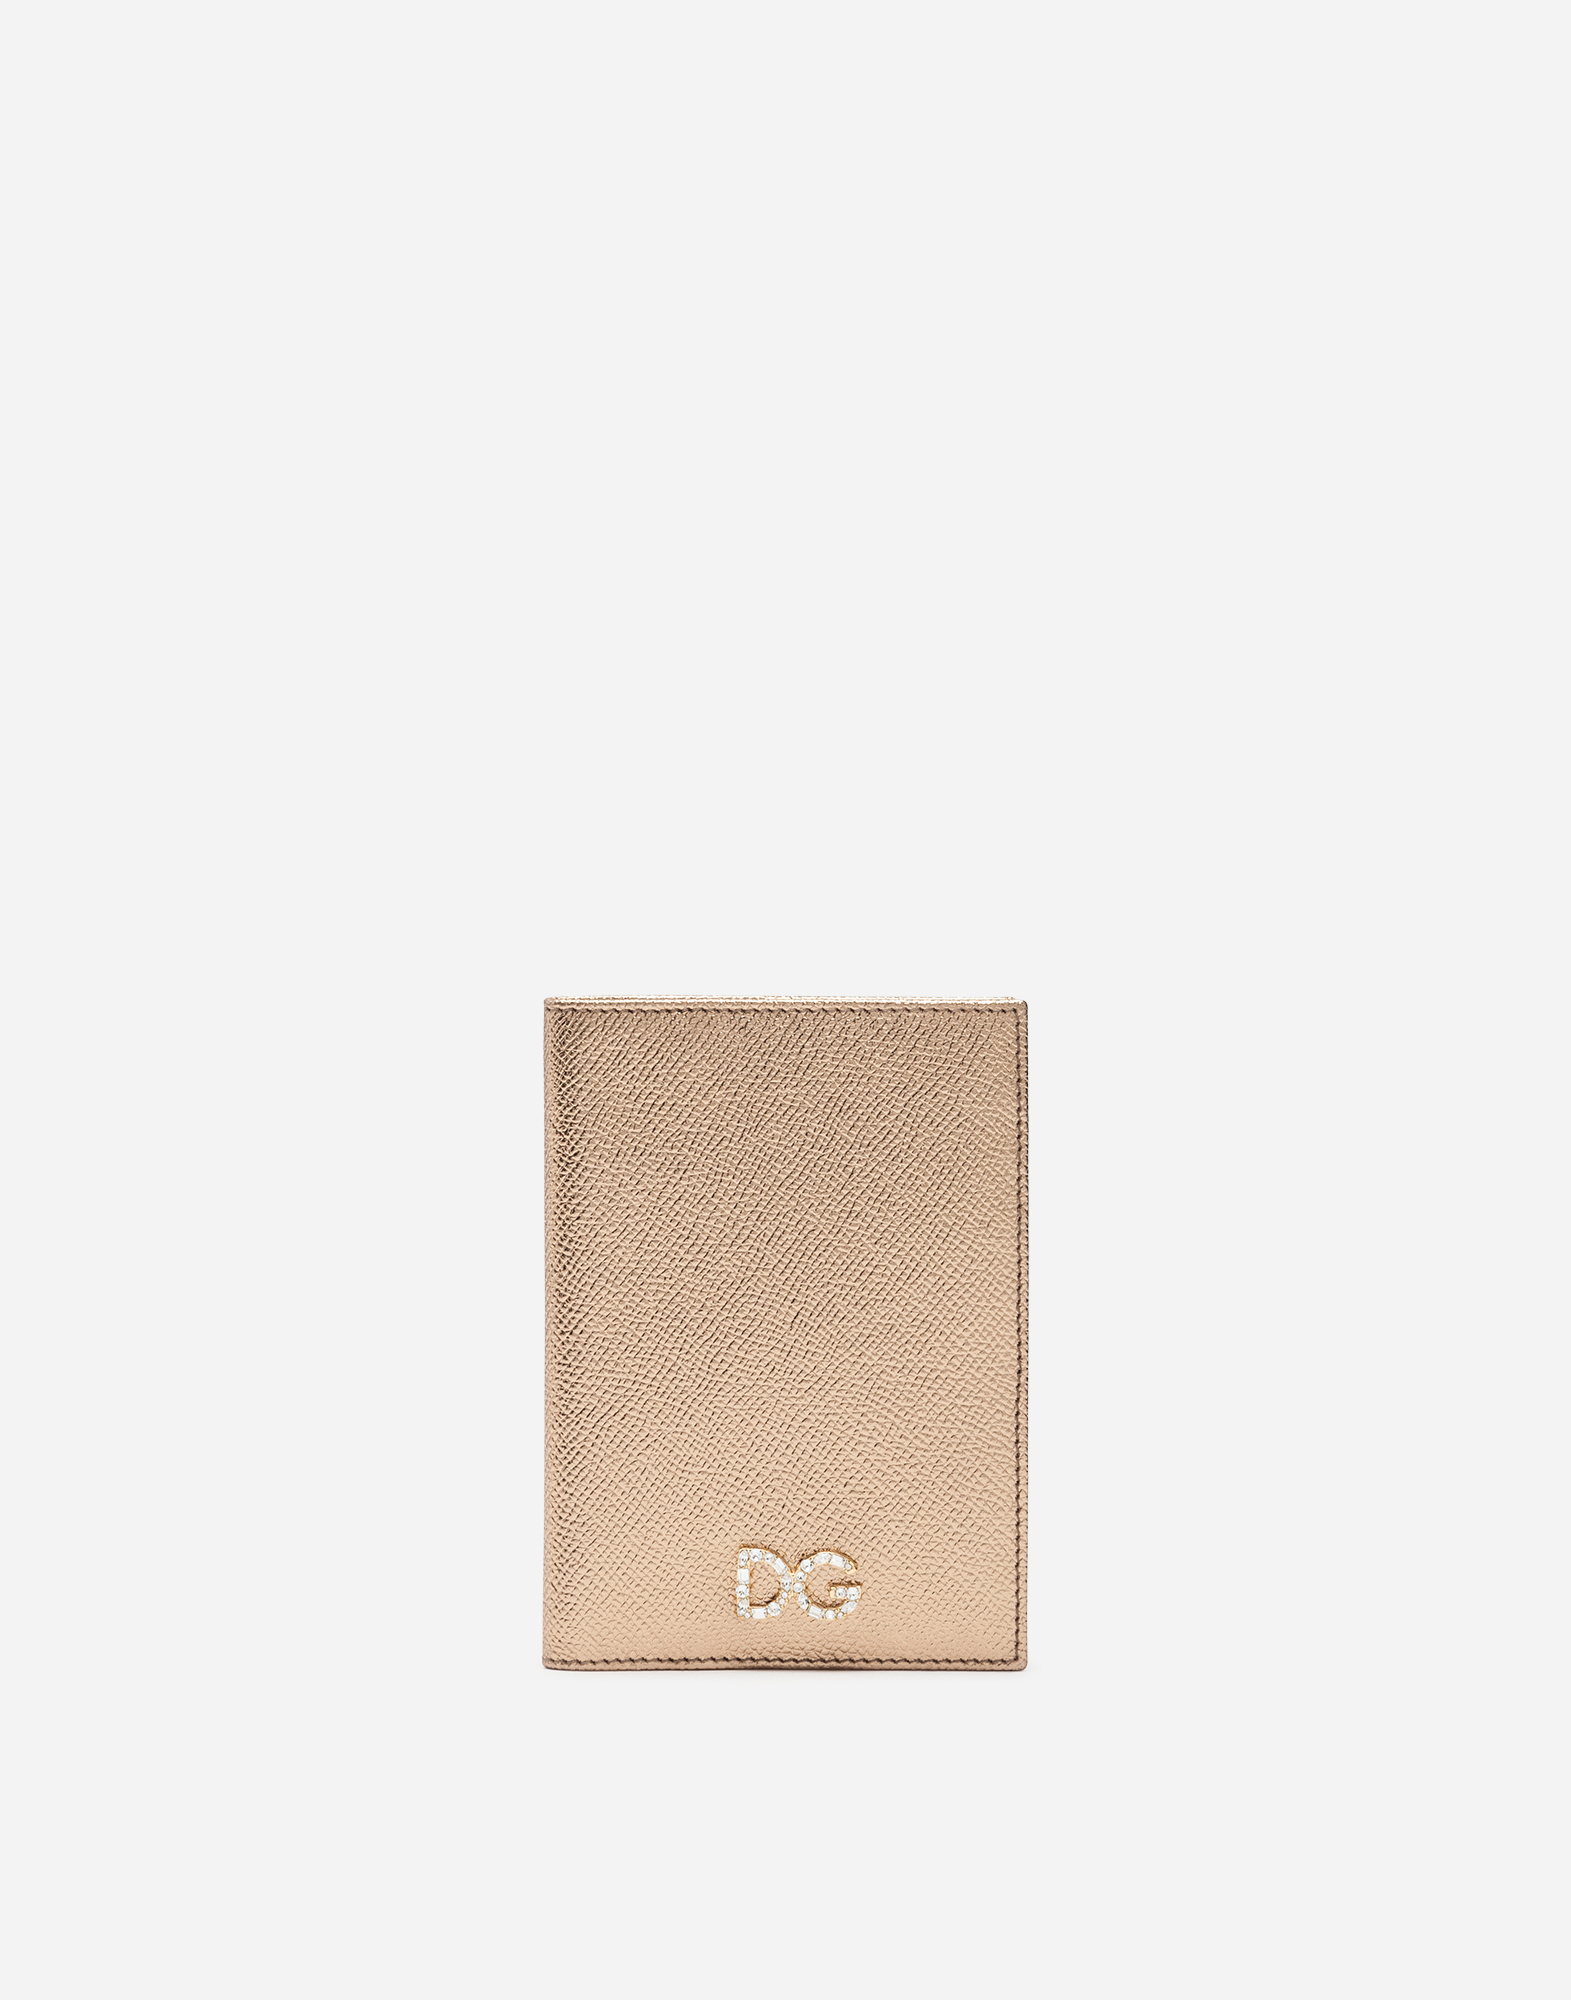 Dolce&Gabbana PASSPORT HOLDER IN LAMINATE DAUPHINE CALFSKIN WITH LOGO CRYSTALS